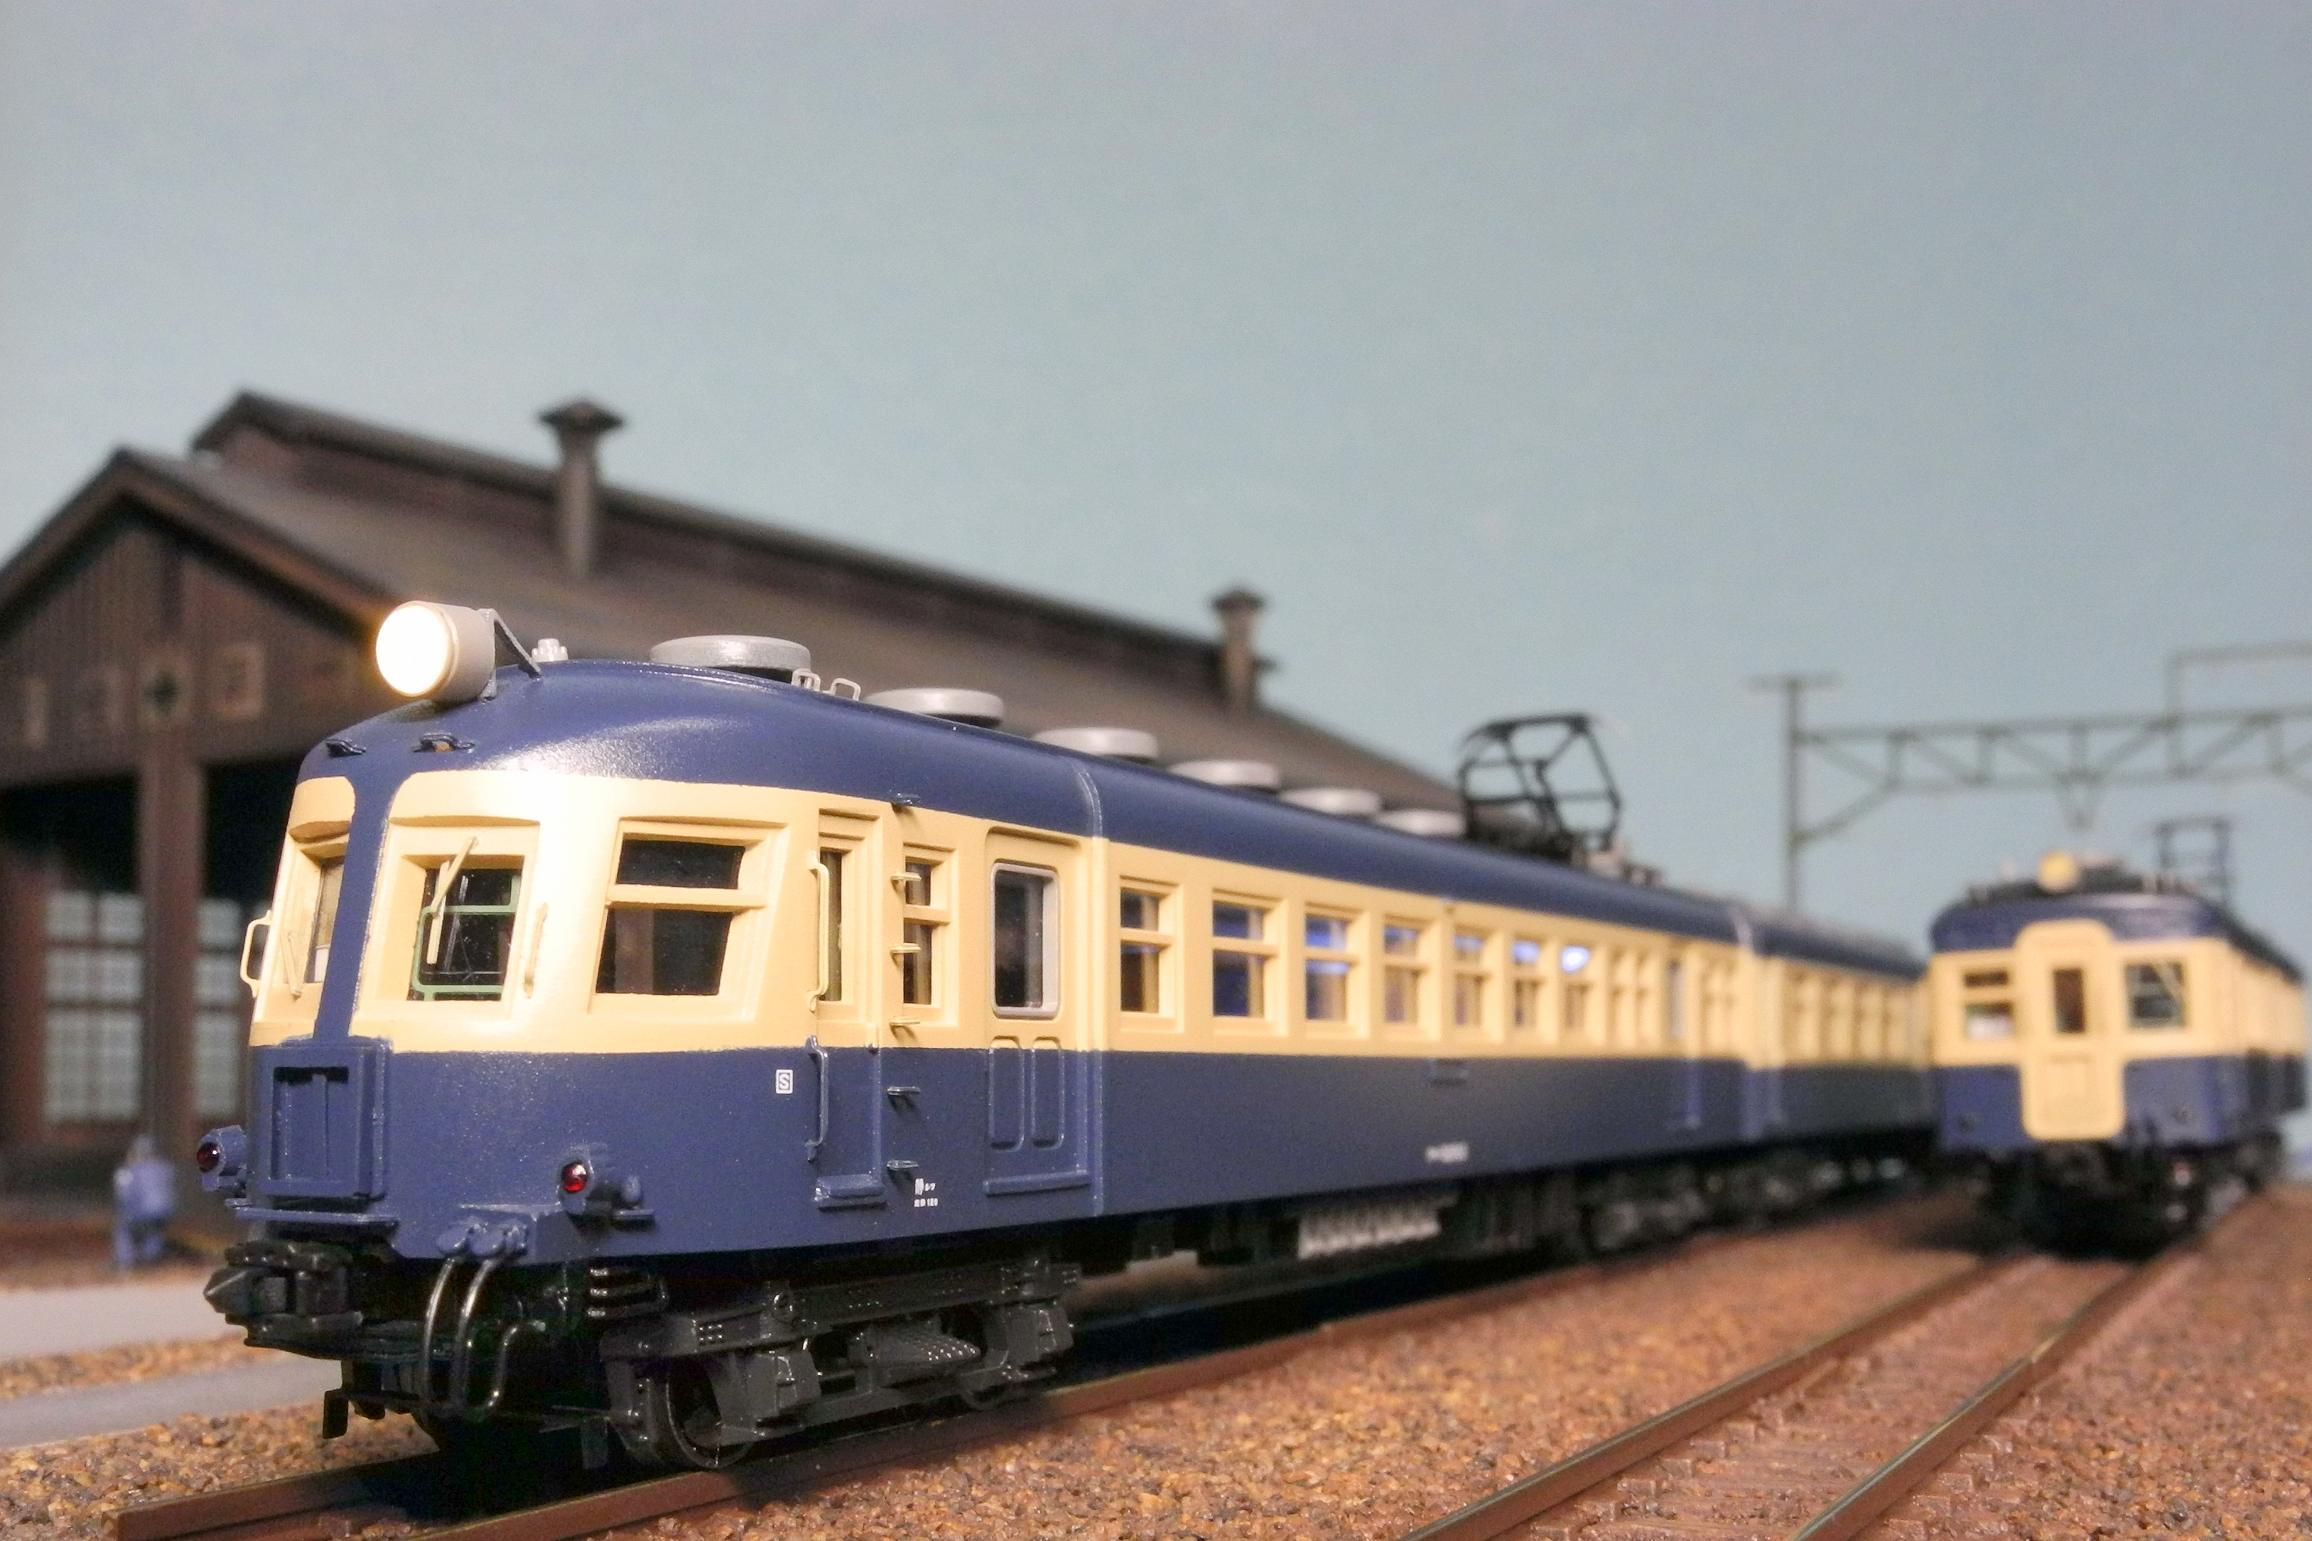 DSCN5576-1.jpg